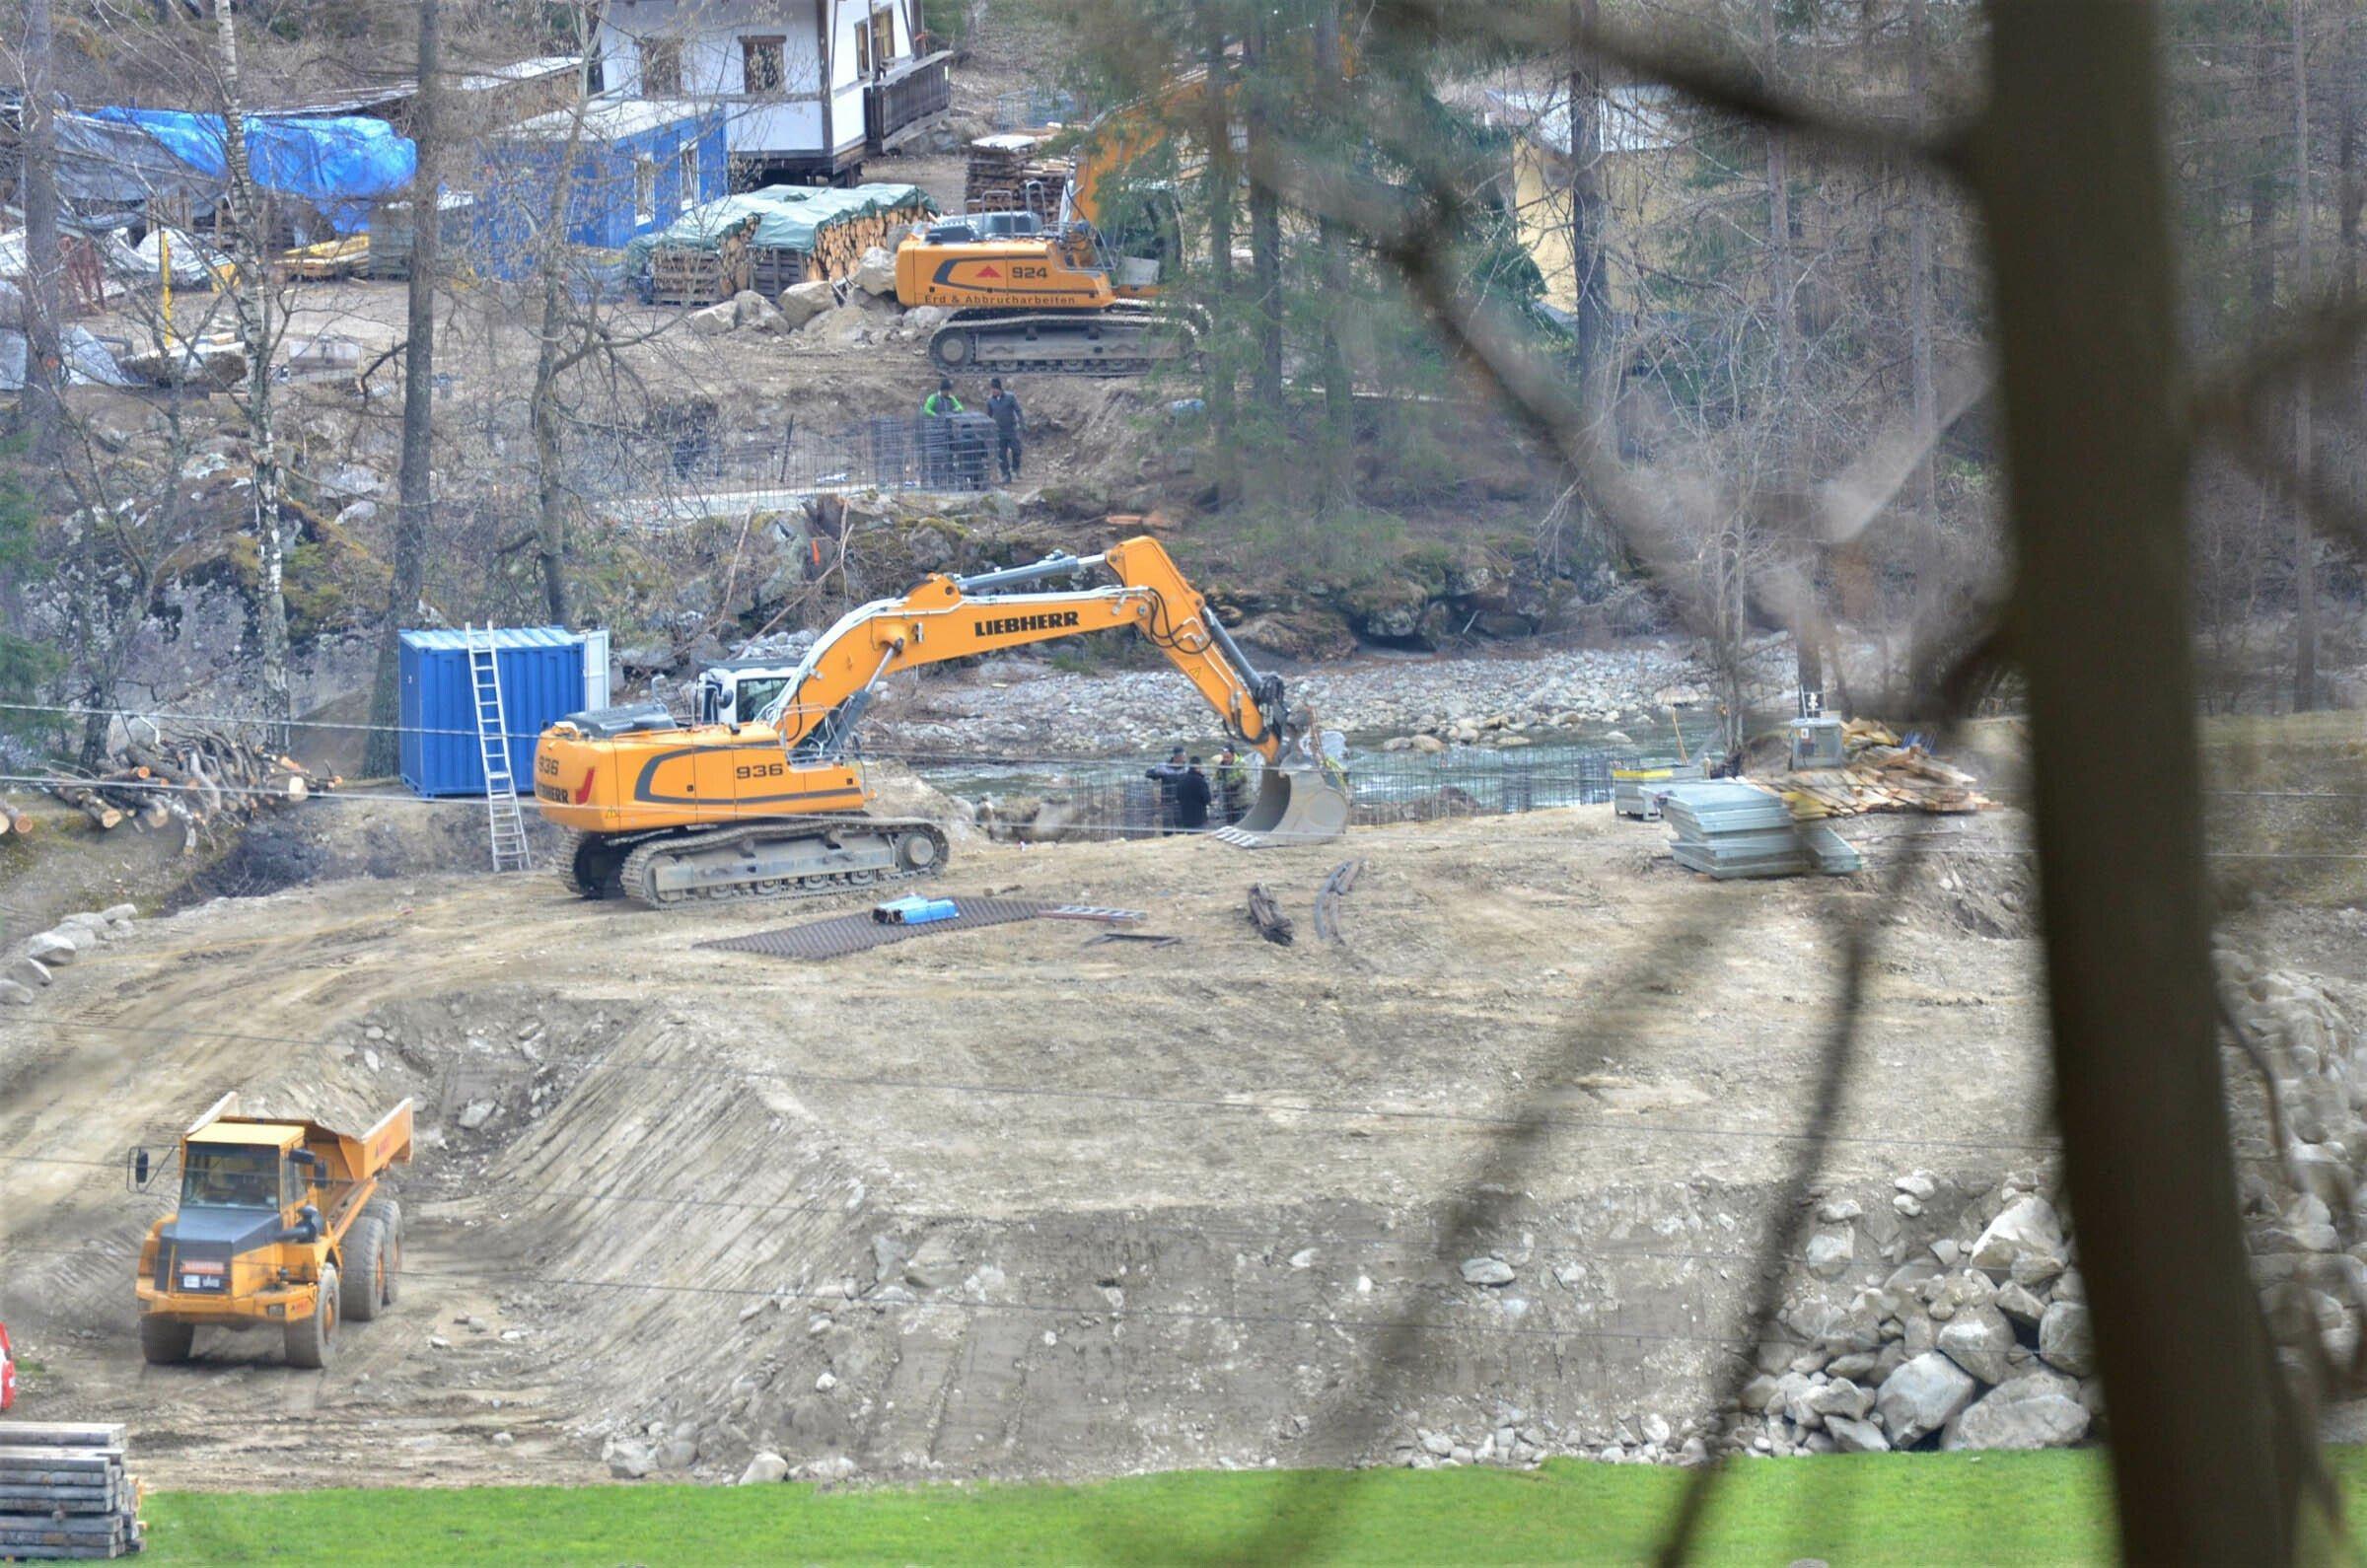 Blick hinunter auf einen Bach und Baufahrzeuge, die am Ufer den Boden aufgraben.